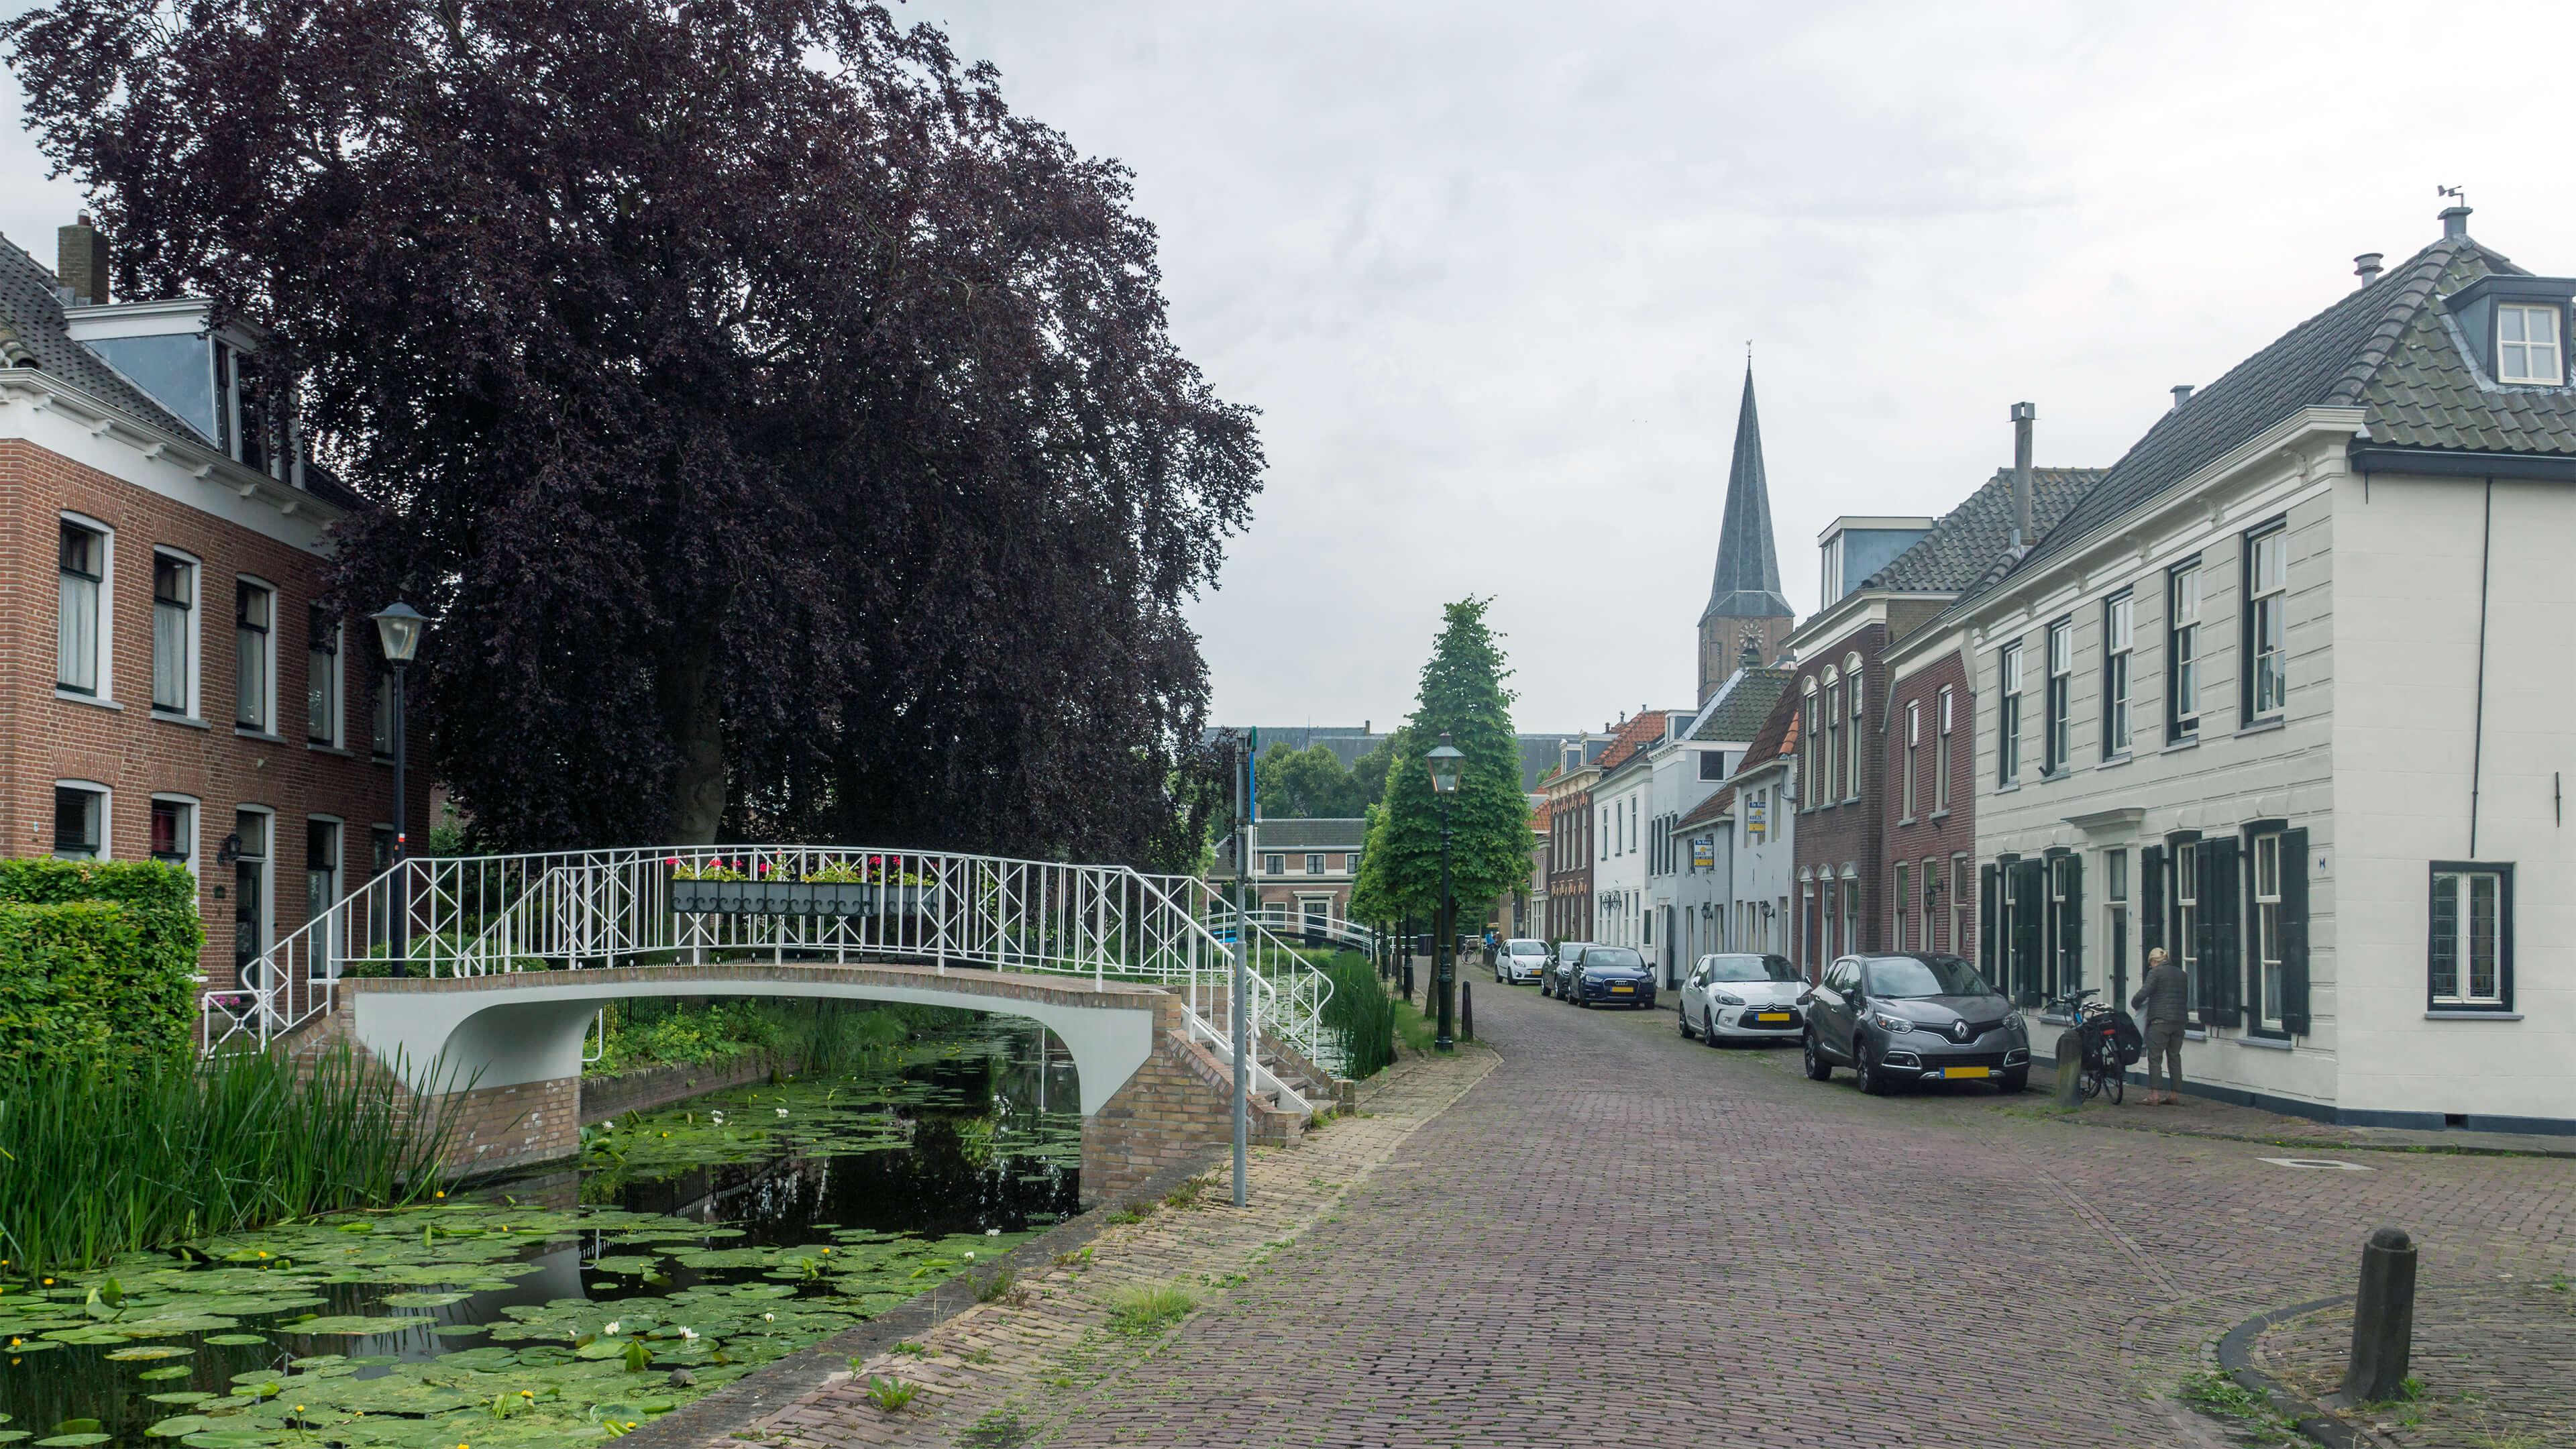 Foto van de 's-Herenstraat in Maasland. De foto hoort bij de pagina over ondernemingsrecht op de website van de notaris van Midden-Delfland.